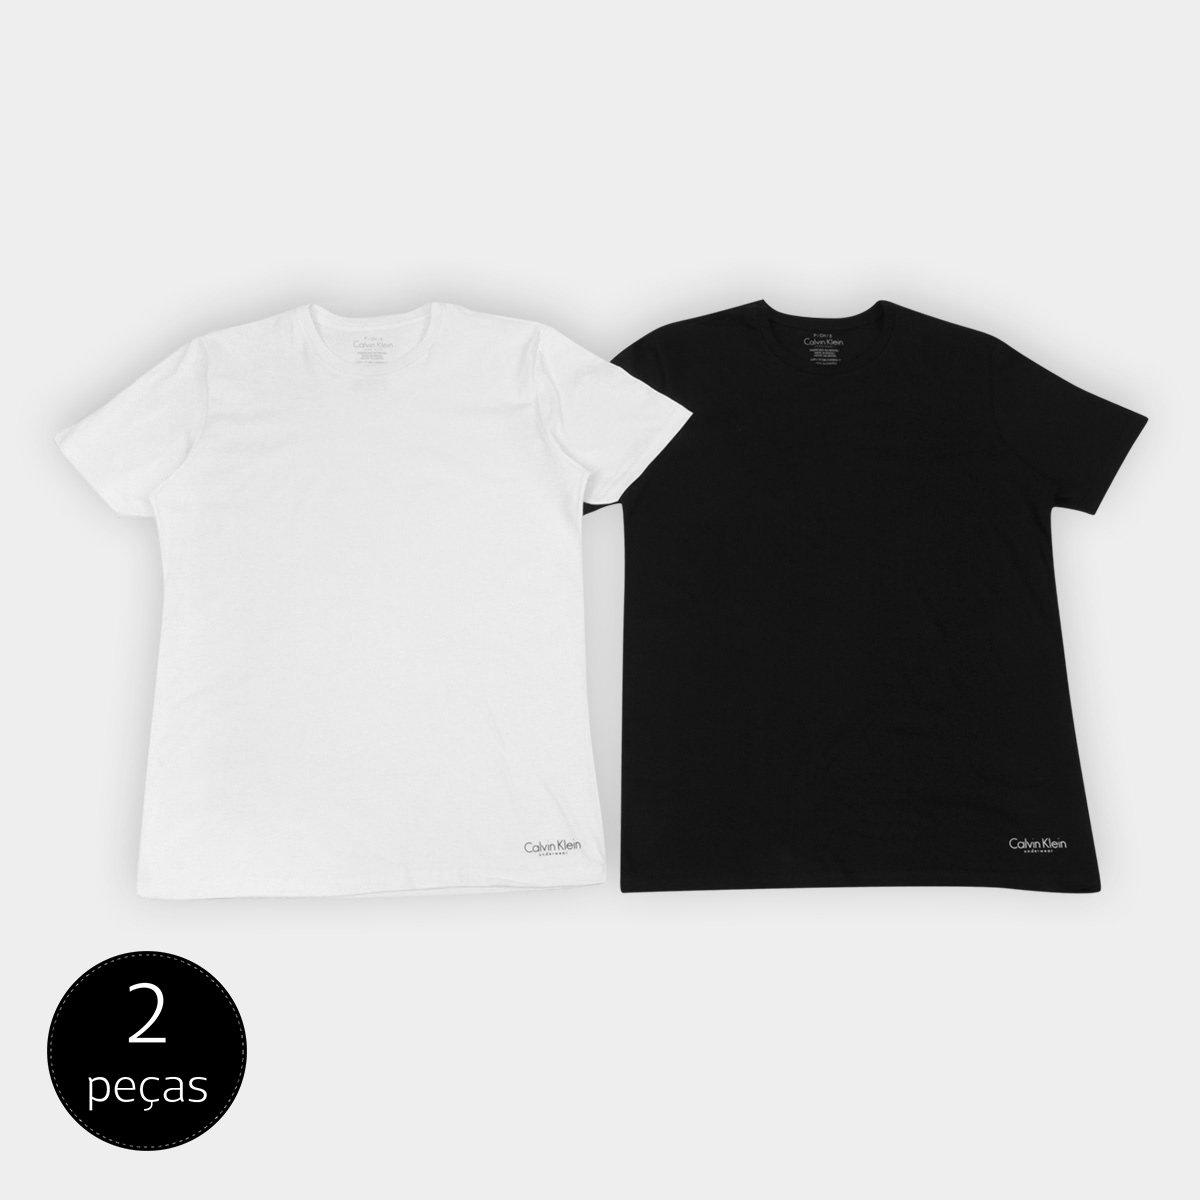 Kit de 2 Camisetas Calvin Klein Básicas Masculina - Compre Agora ... 5adccb5131